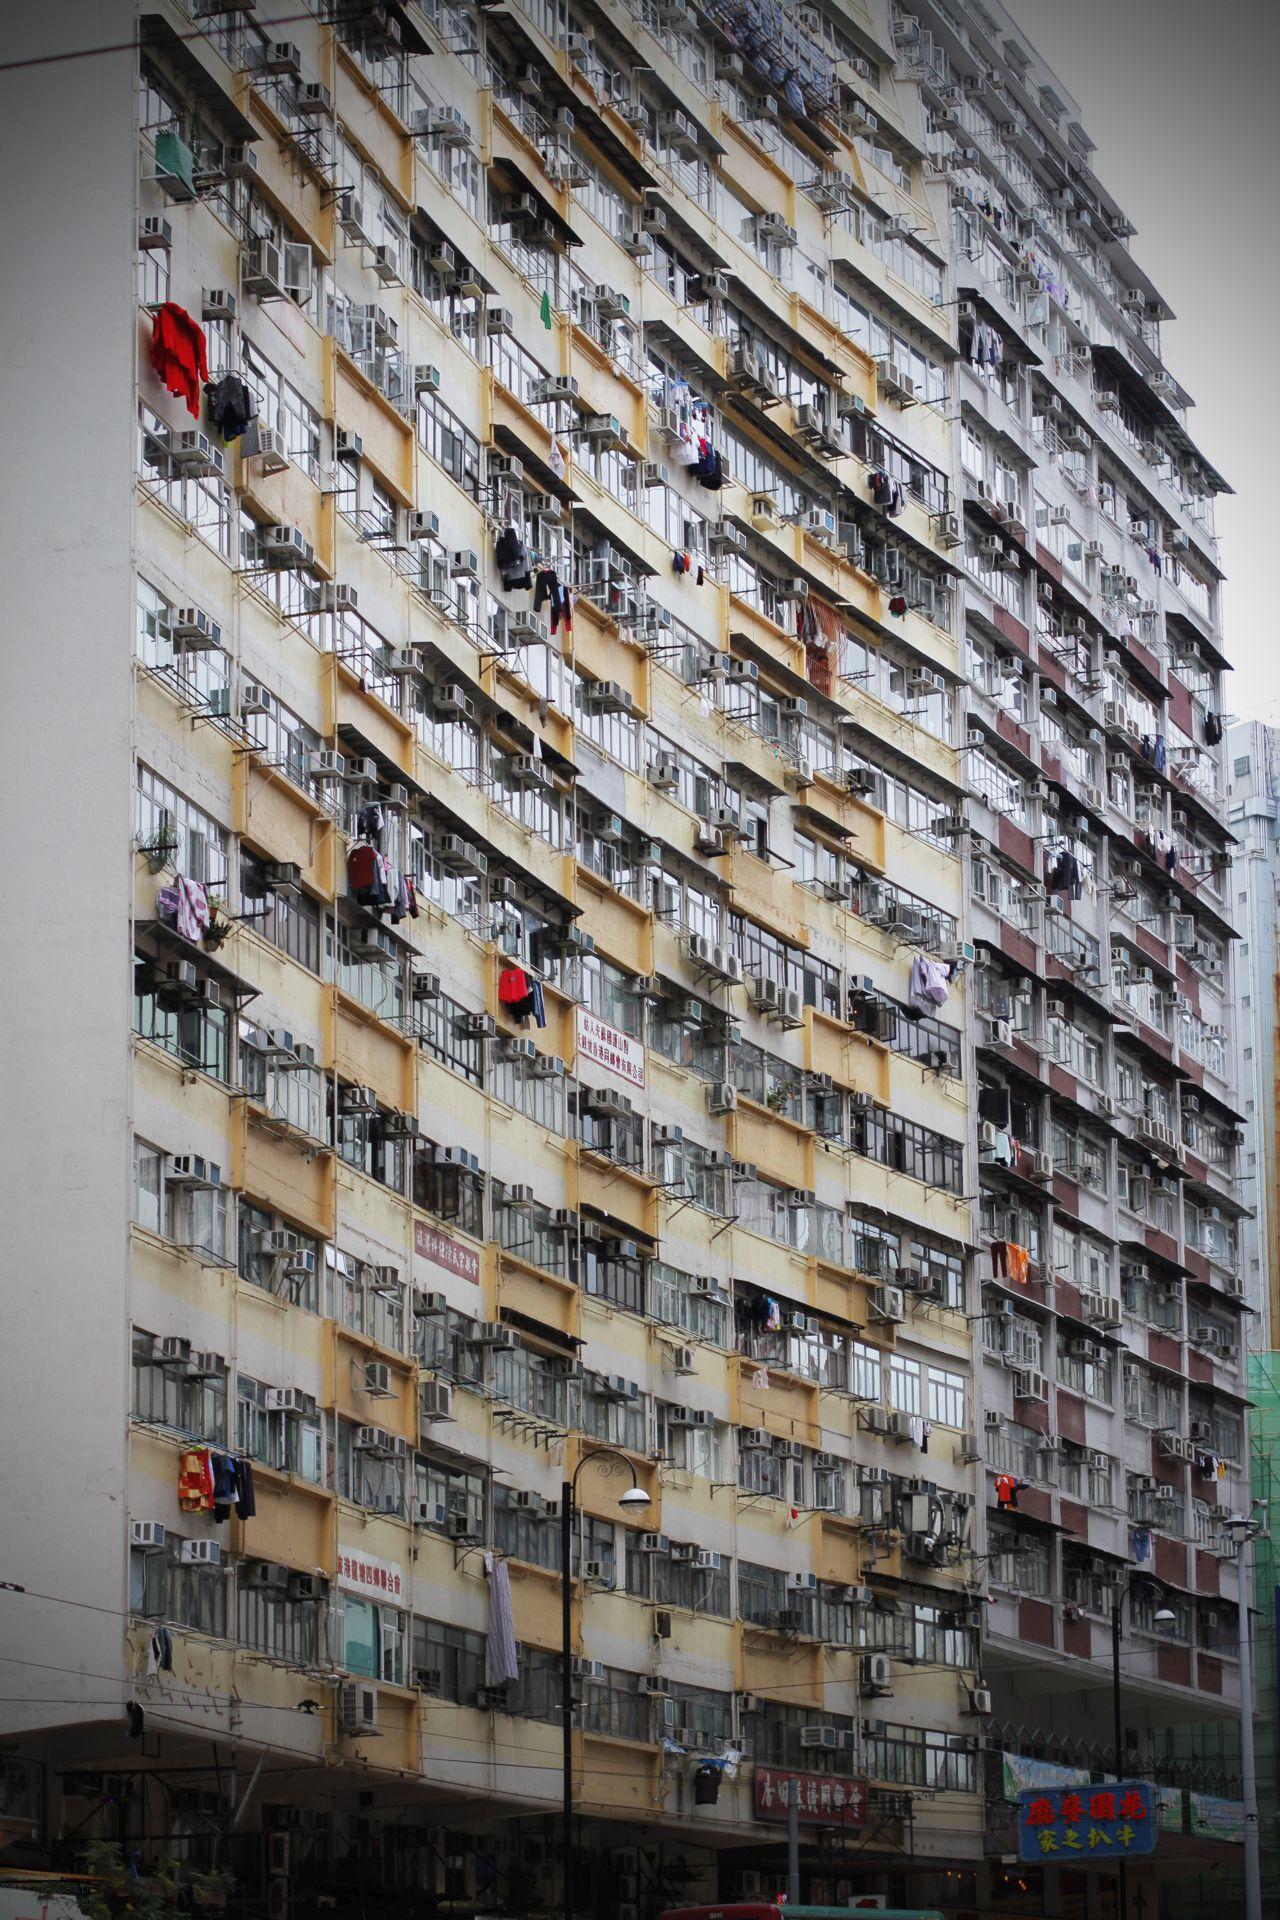 HK Dec 2015